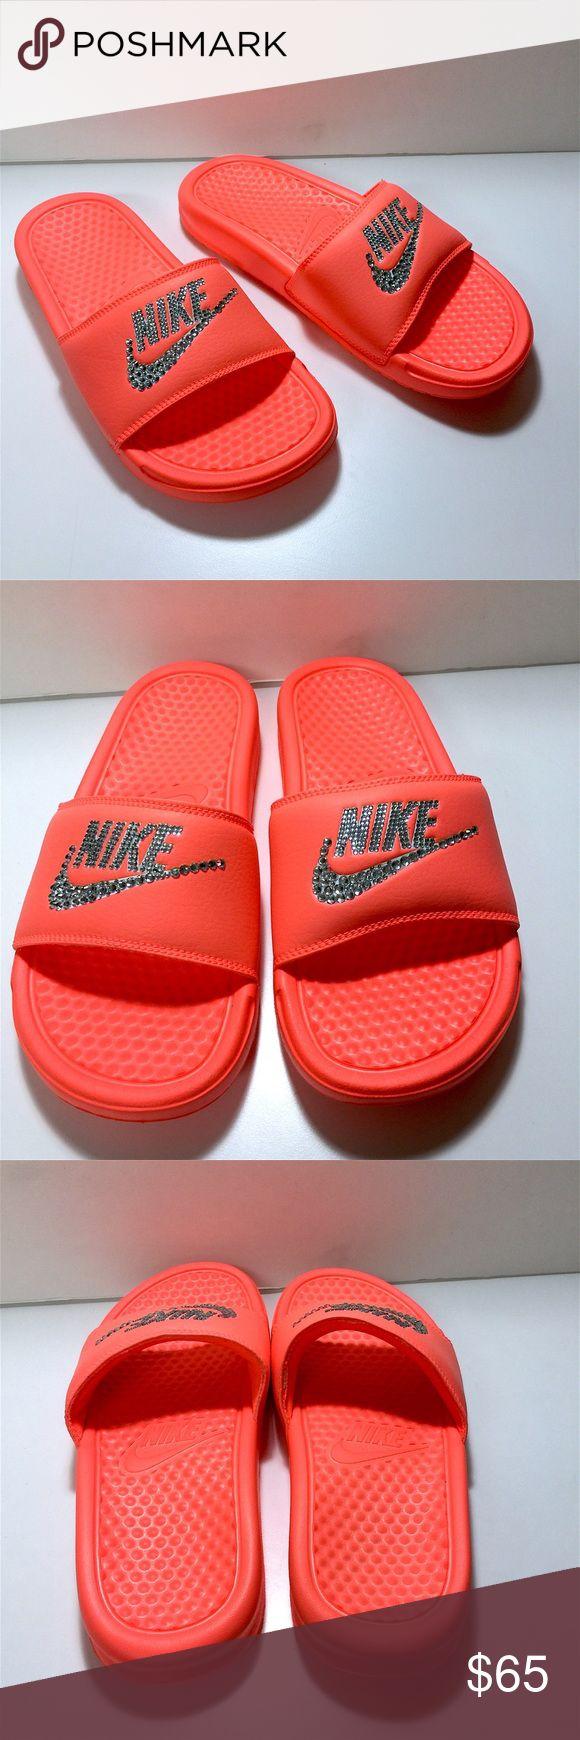 red nike flip flops